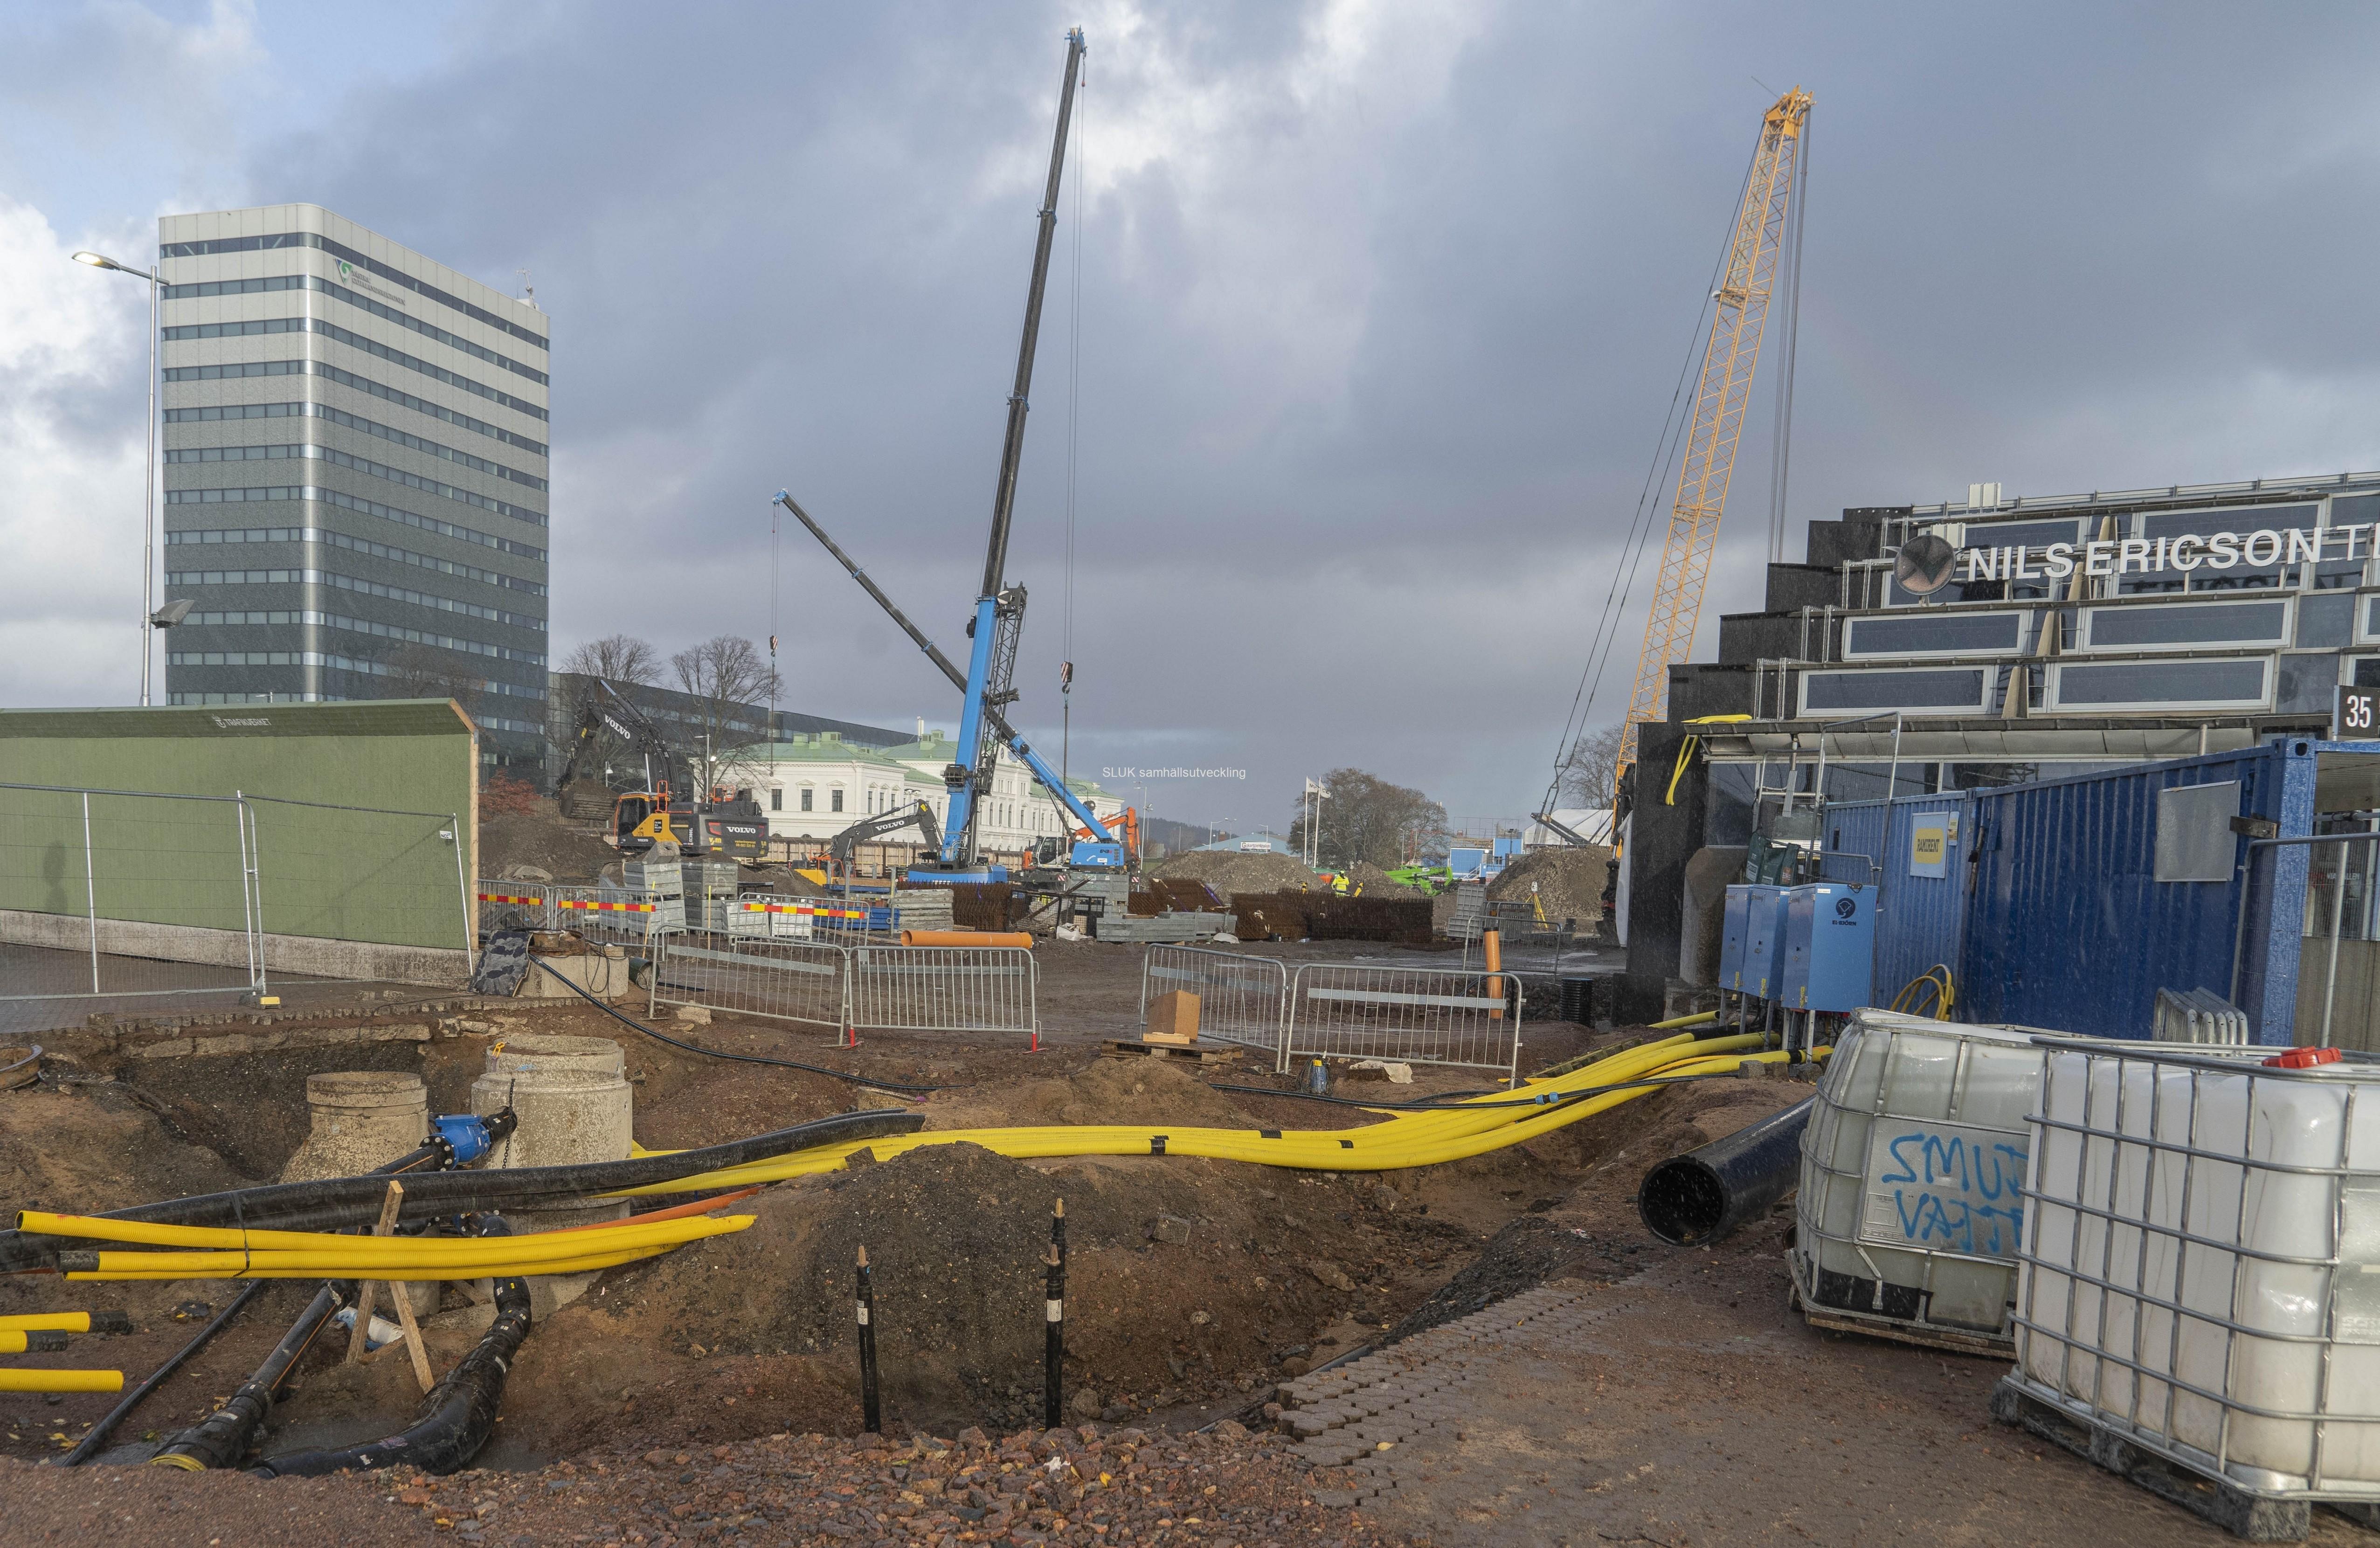 I slutet av Nils Ericsonterminalen pågår arbeten med terminalen Västlänken  Centralstationen.